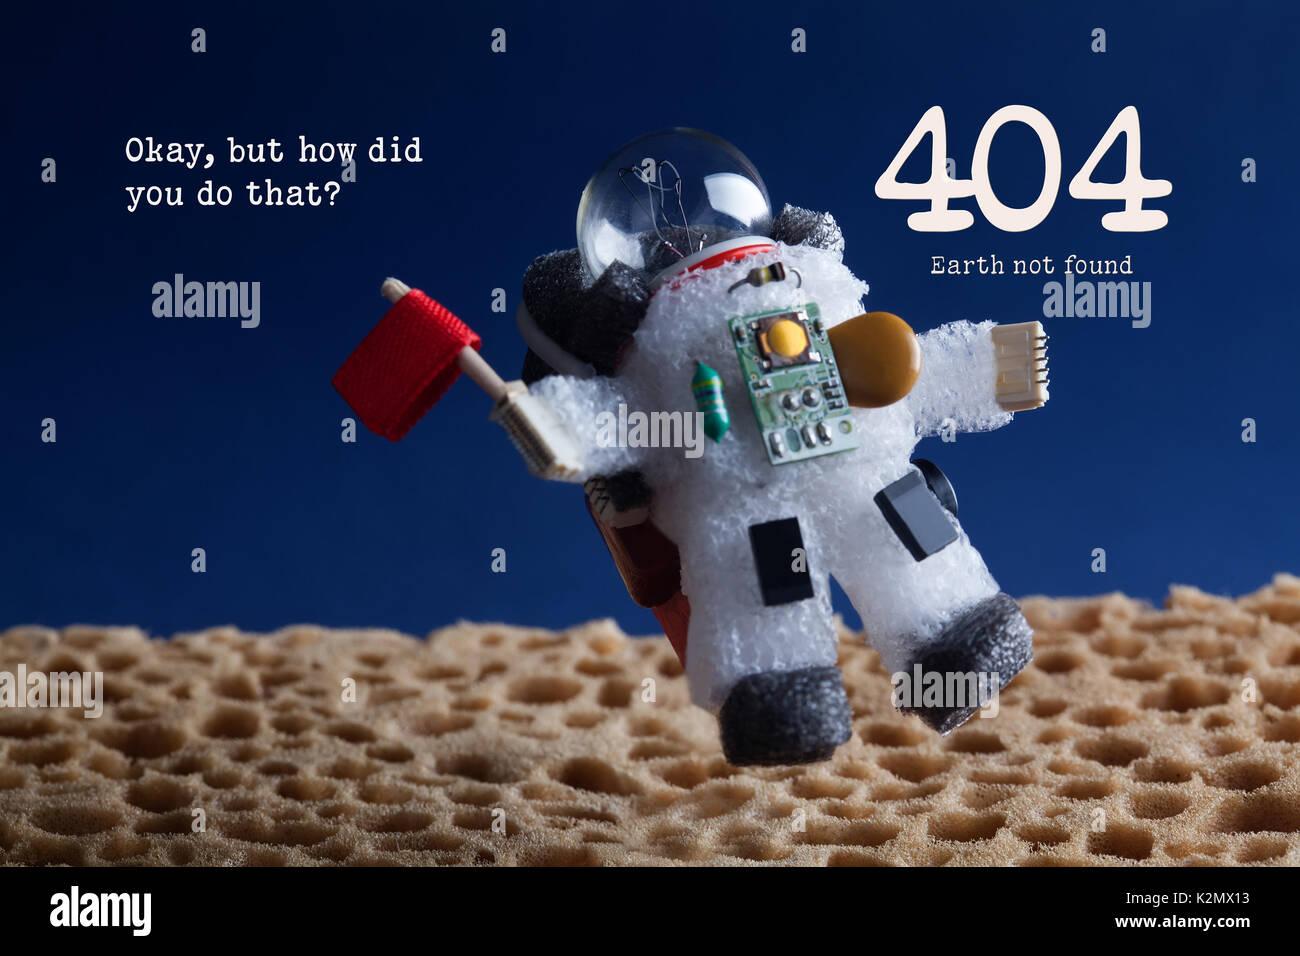 Fehler 404 Seite nicht gefunden. Spaceman Astronaut floating Stratosphere Planet und blauer Himmel. Text Okay, aber wie hast Du das gemacht Stockbild